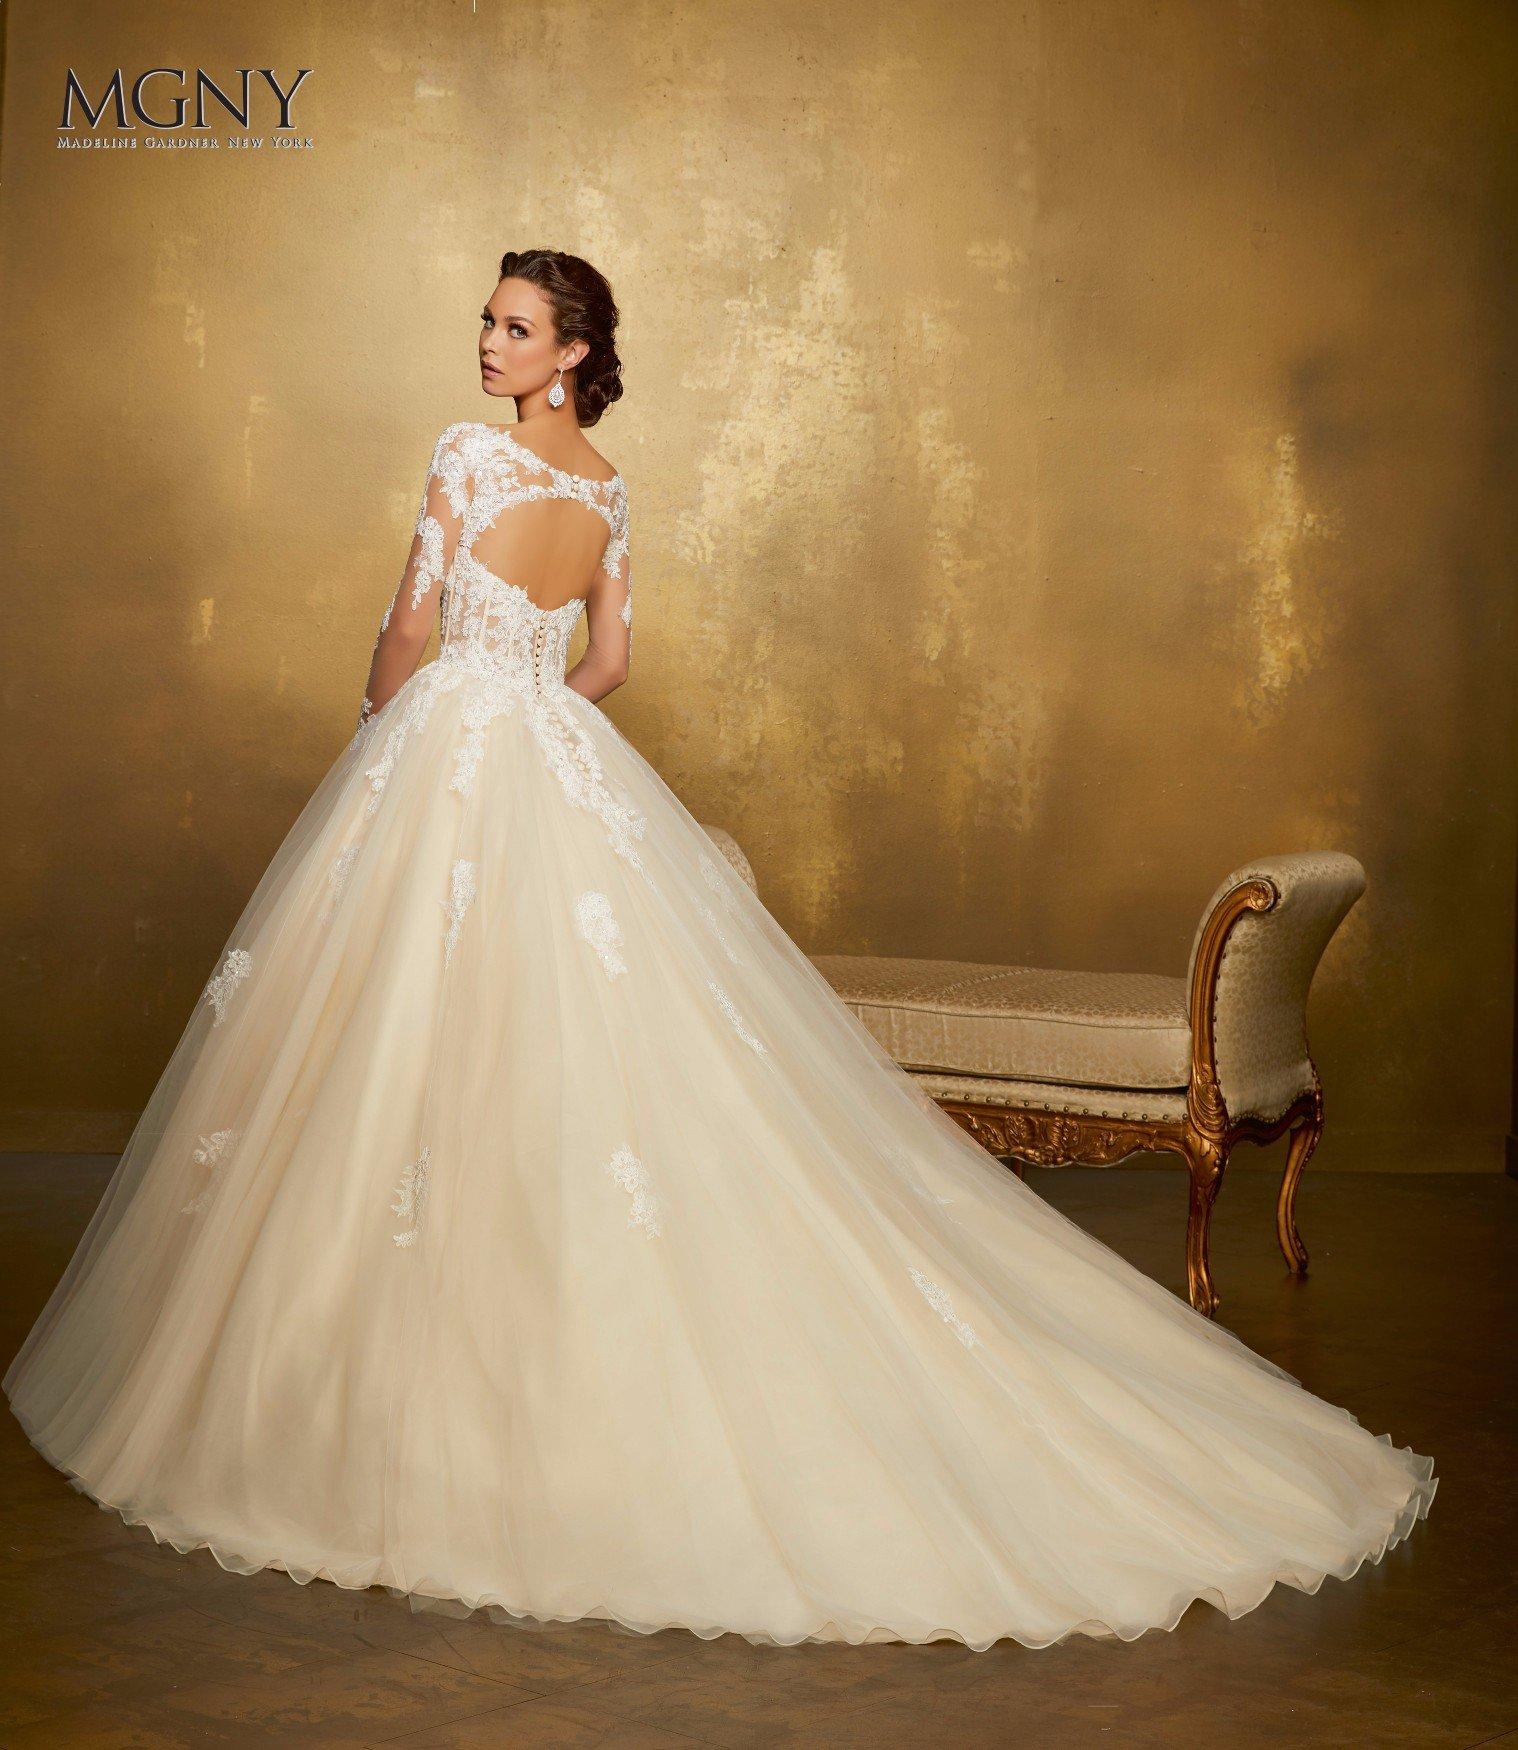 Donna pronta a sposarsi che si prova l'abito perfetto